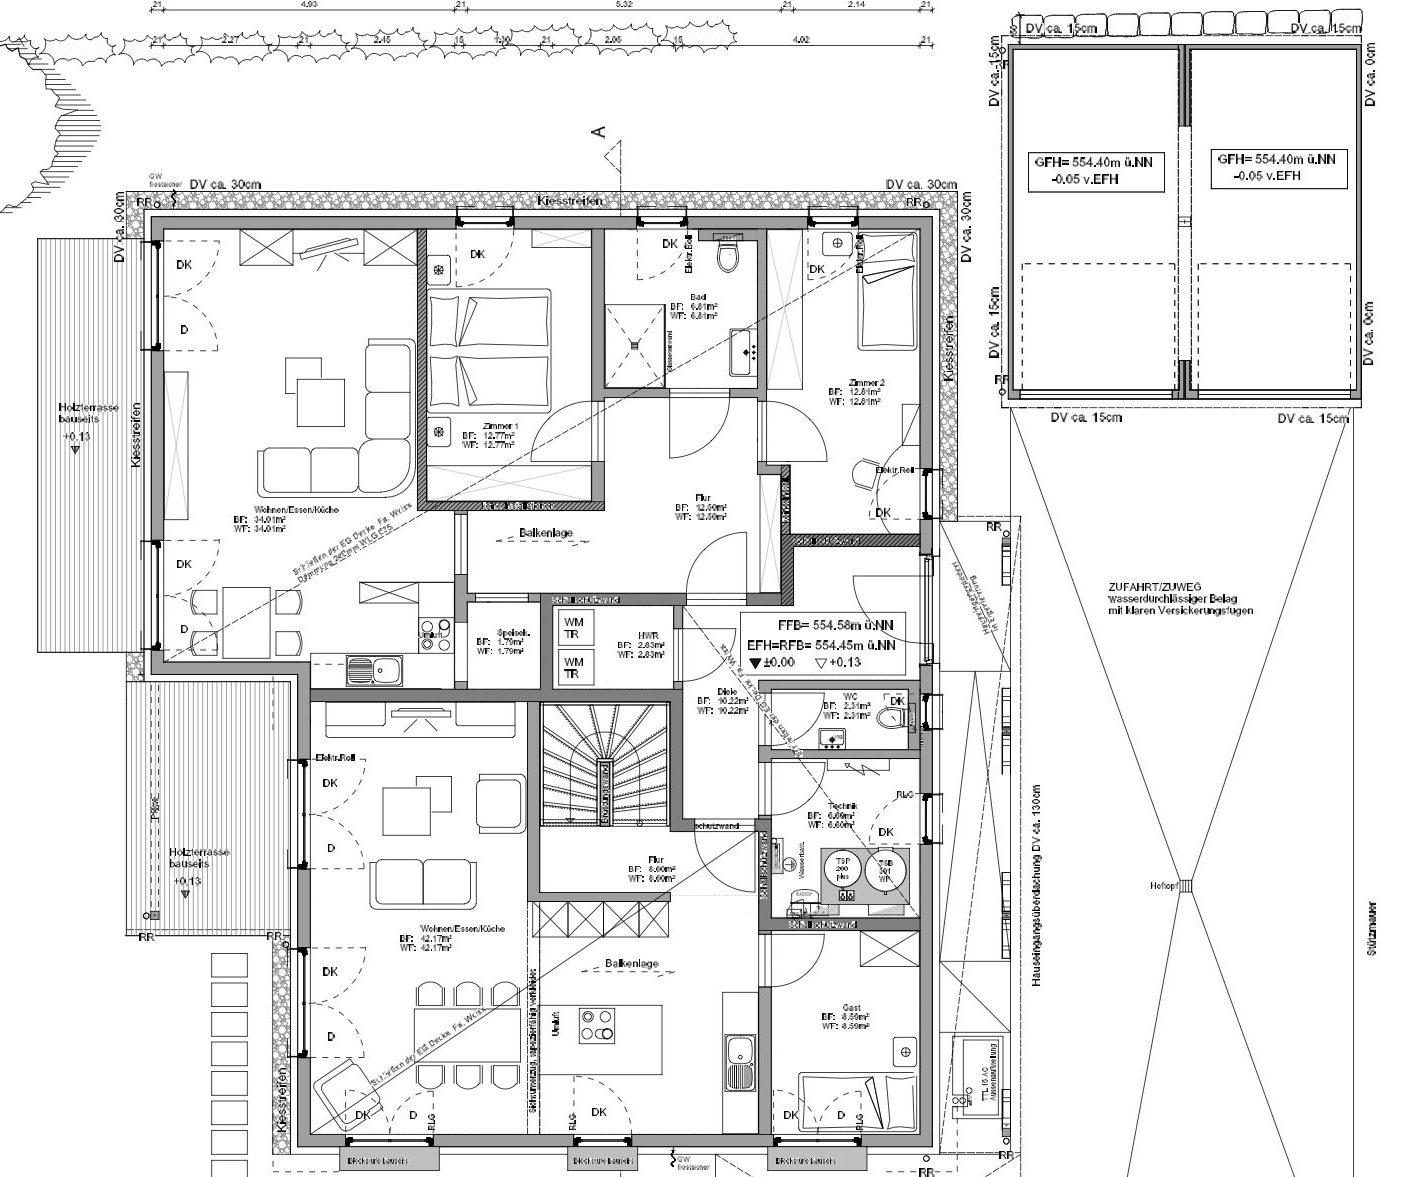 Kundenhaus Koenigs - Eine Nahaufnahme von einer Karte - Gebäudeplan